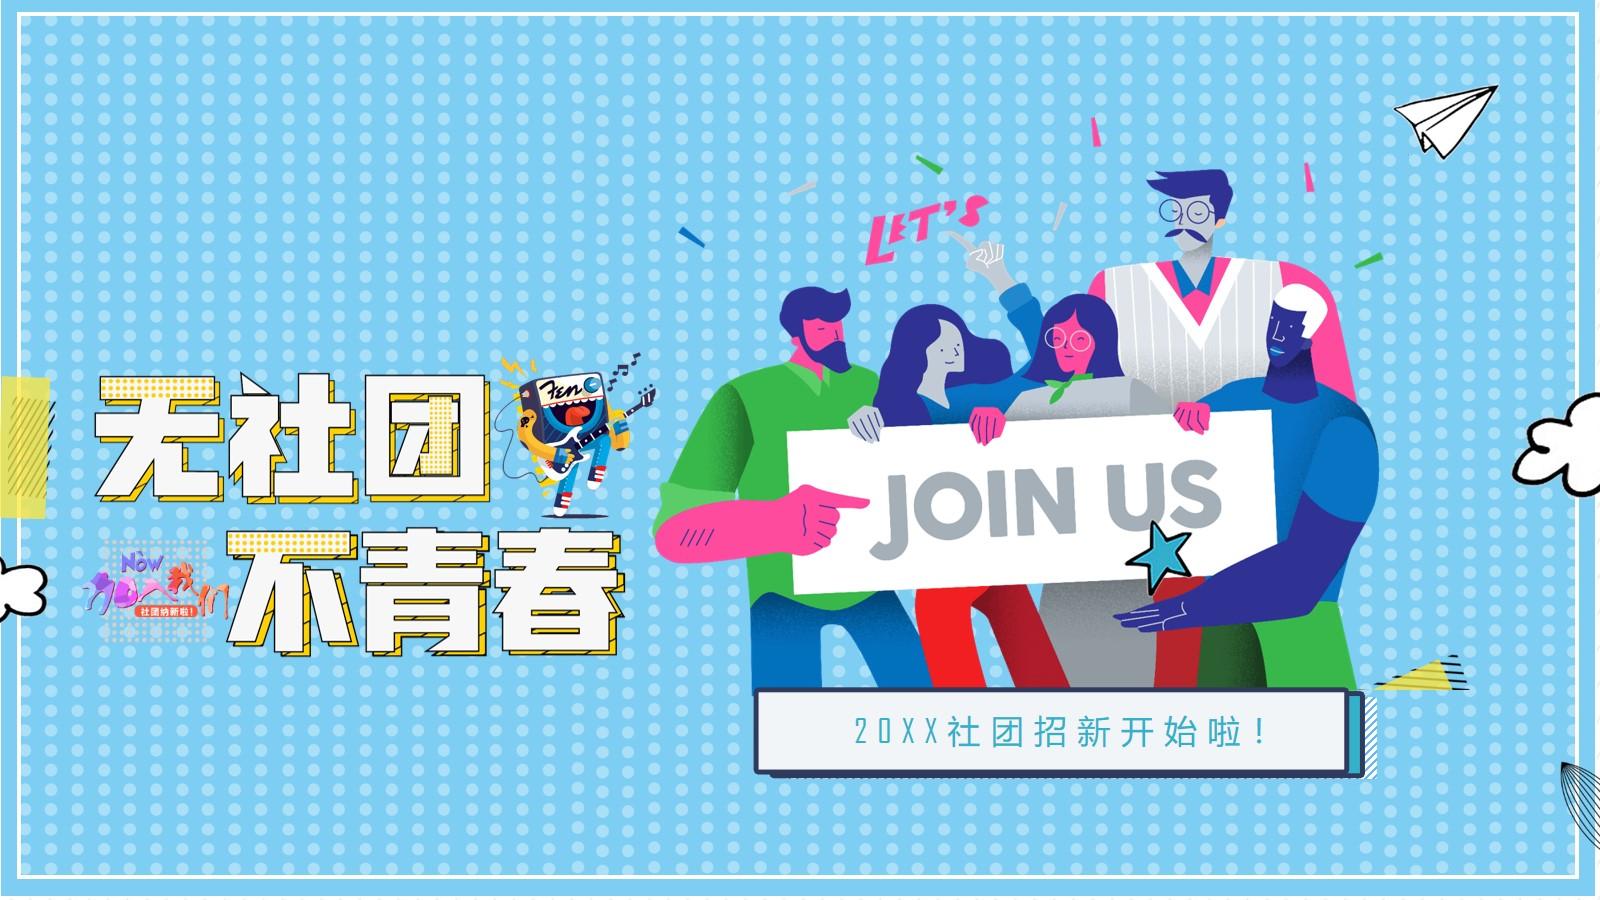 大学社团招新PPT模板 社团招新PPT模板